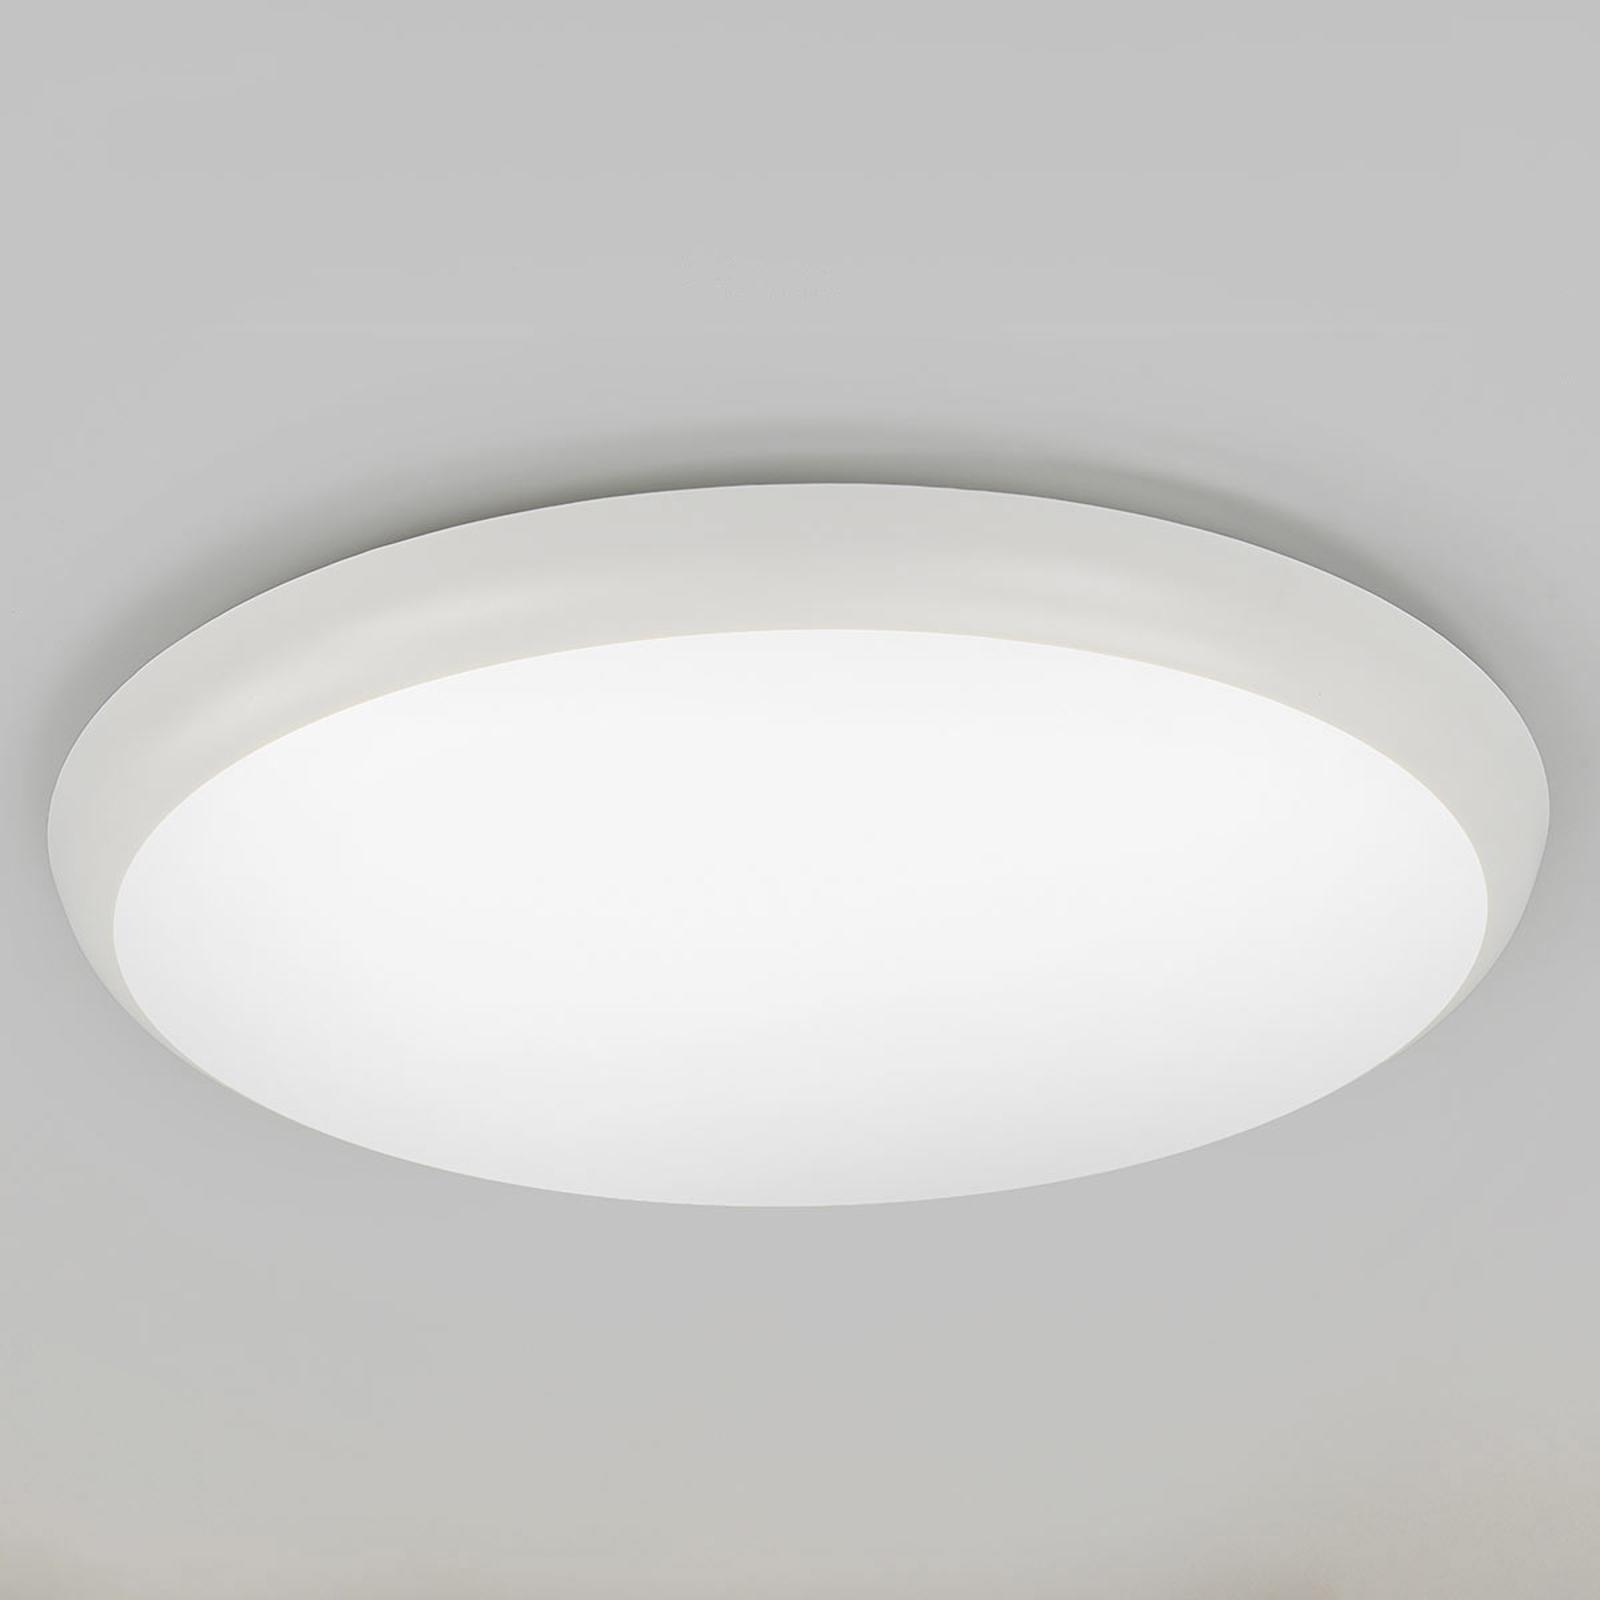 Augustin - LED-Deckenleuchte in runder Form, 40 cm